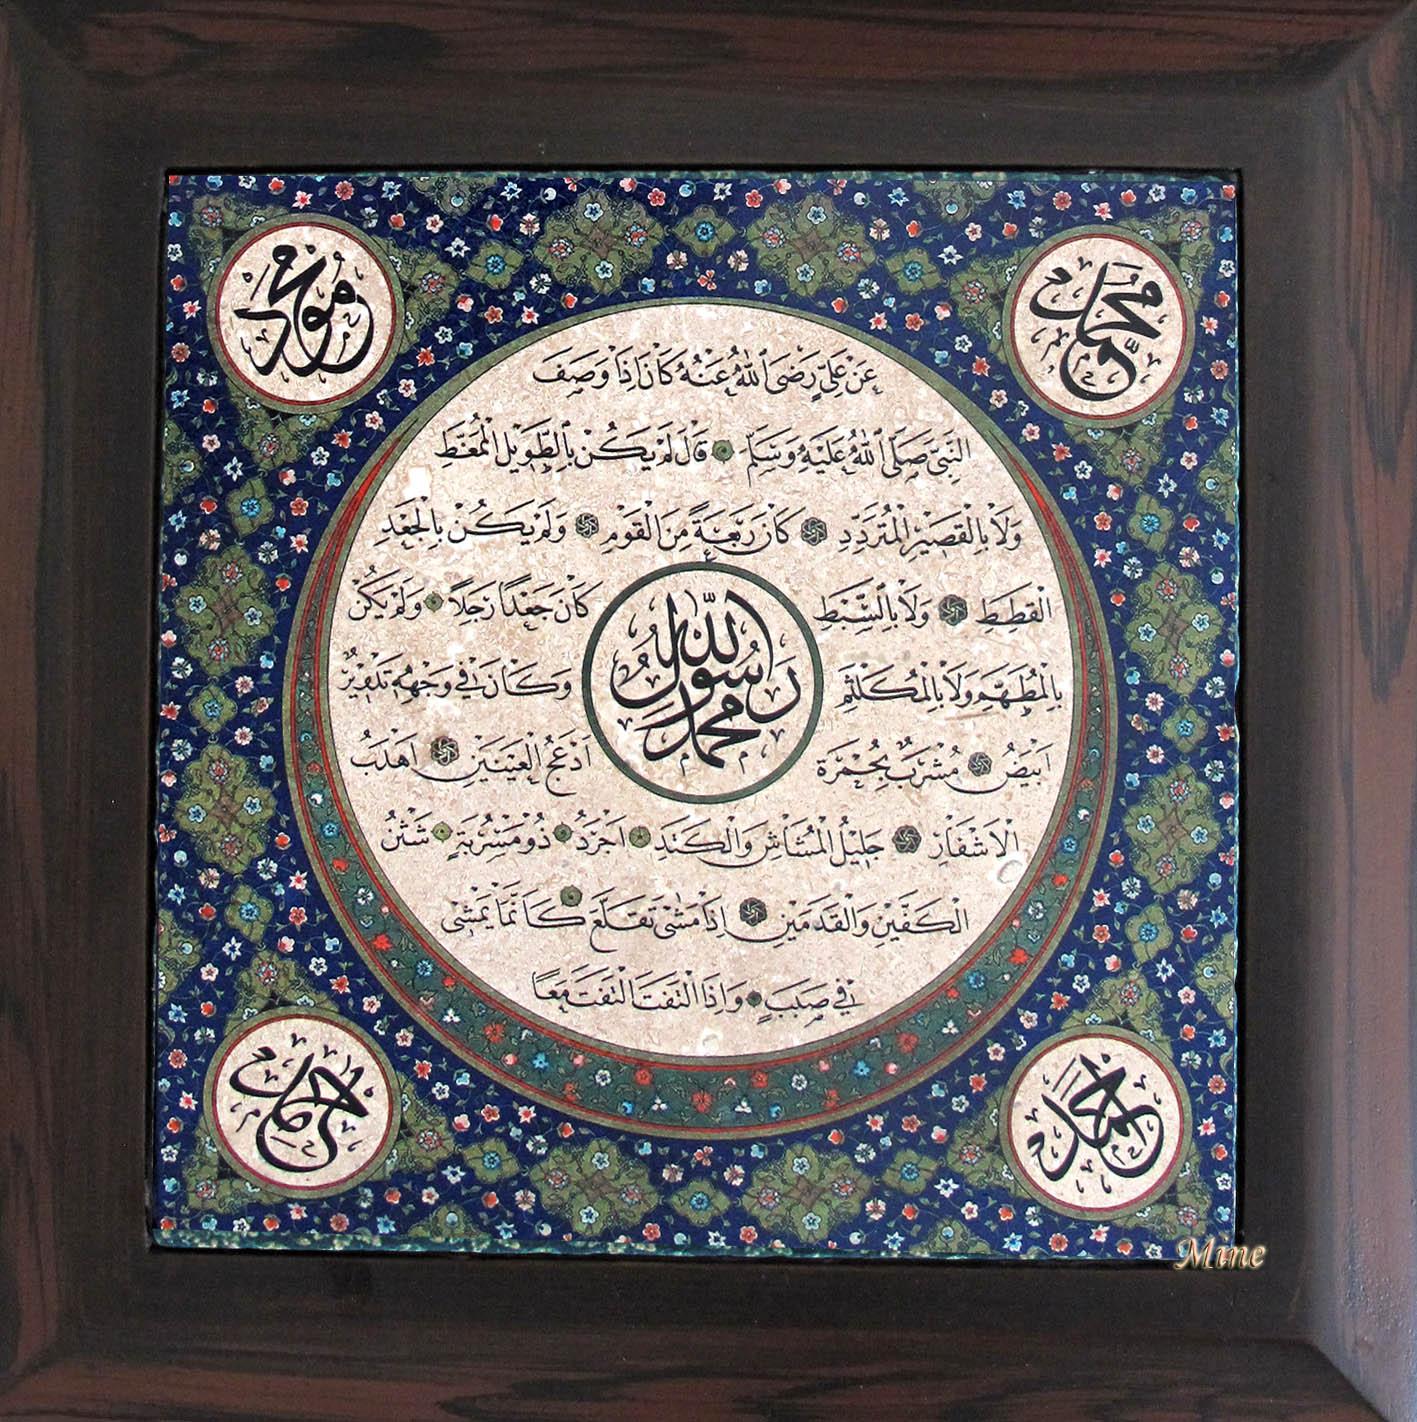 doğal taşa baskılı ayetli çerçeveler duvar süsü hediyelik Osmanlı dekoratif ürünler Osmanlı dekorasyonu aksesuarları